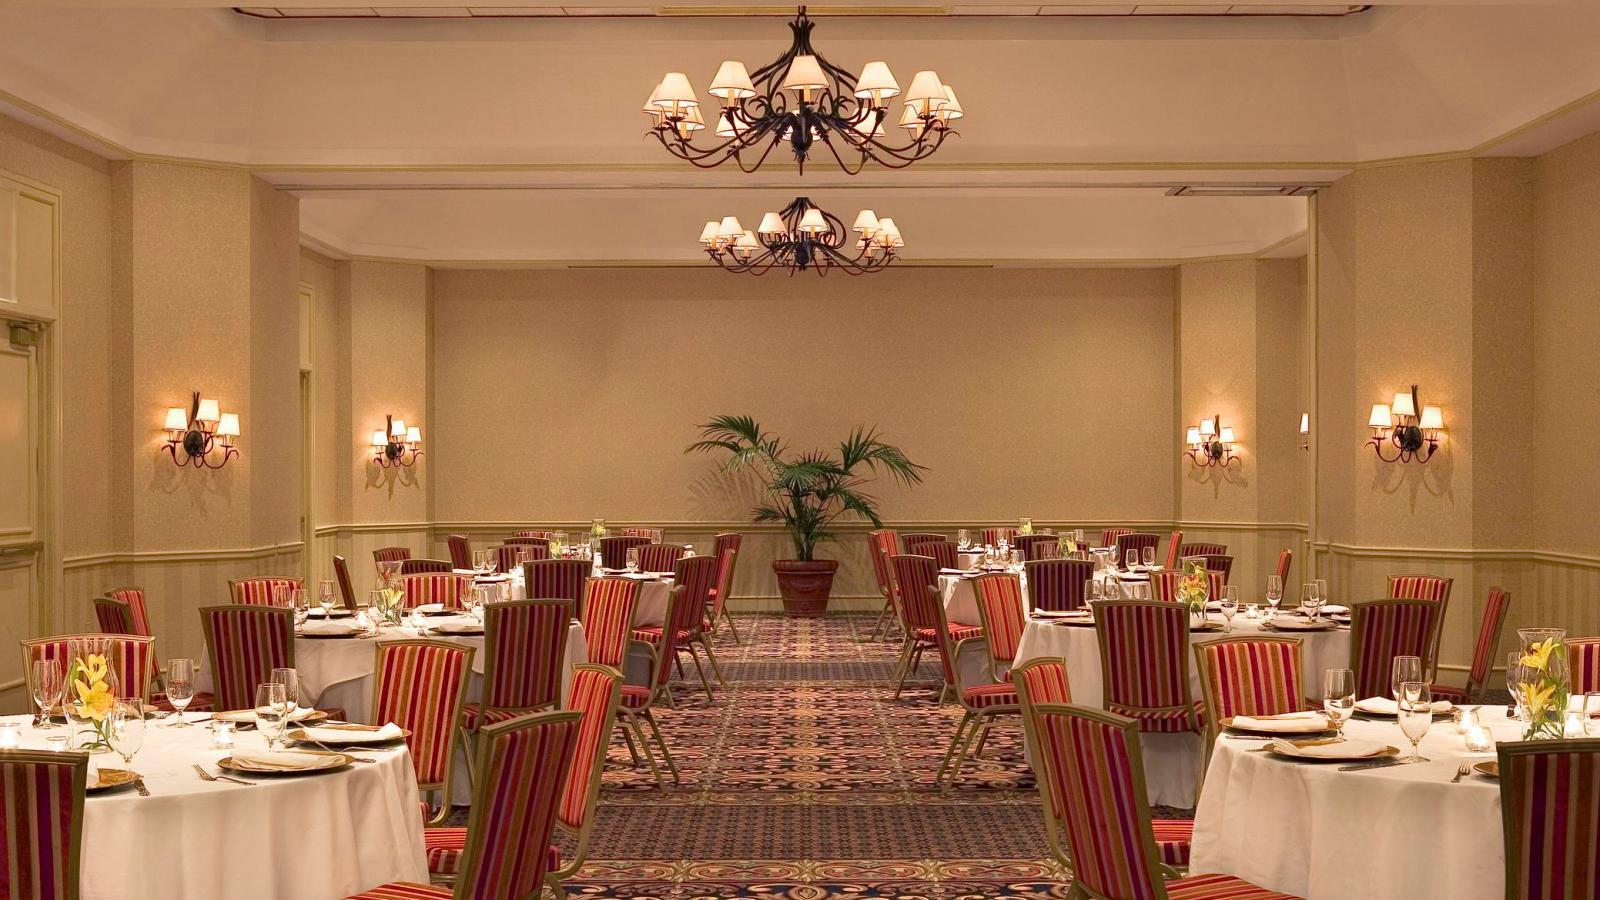 Sheraton Suites Galleria-Atlanta image 16